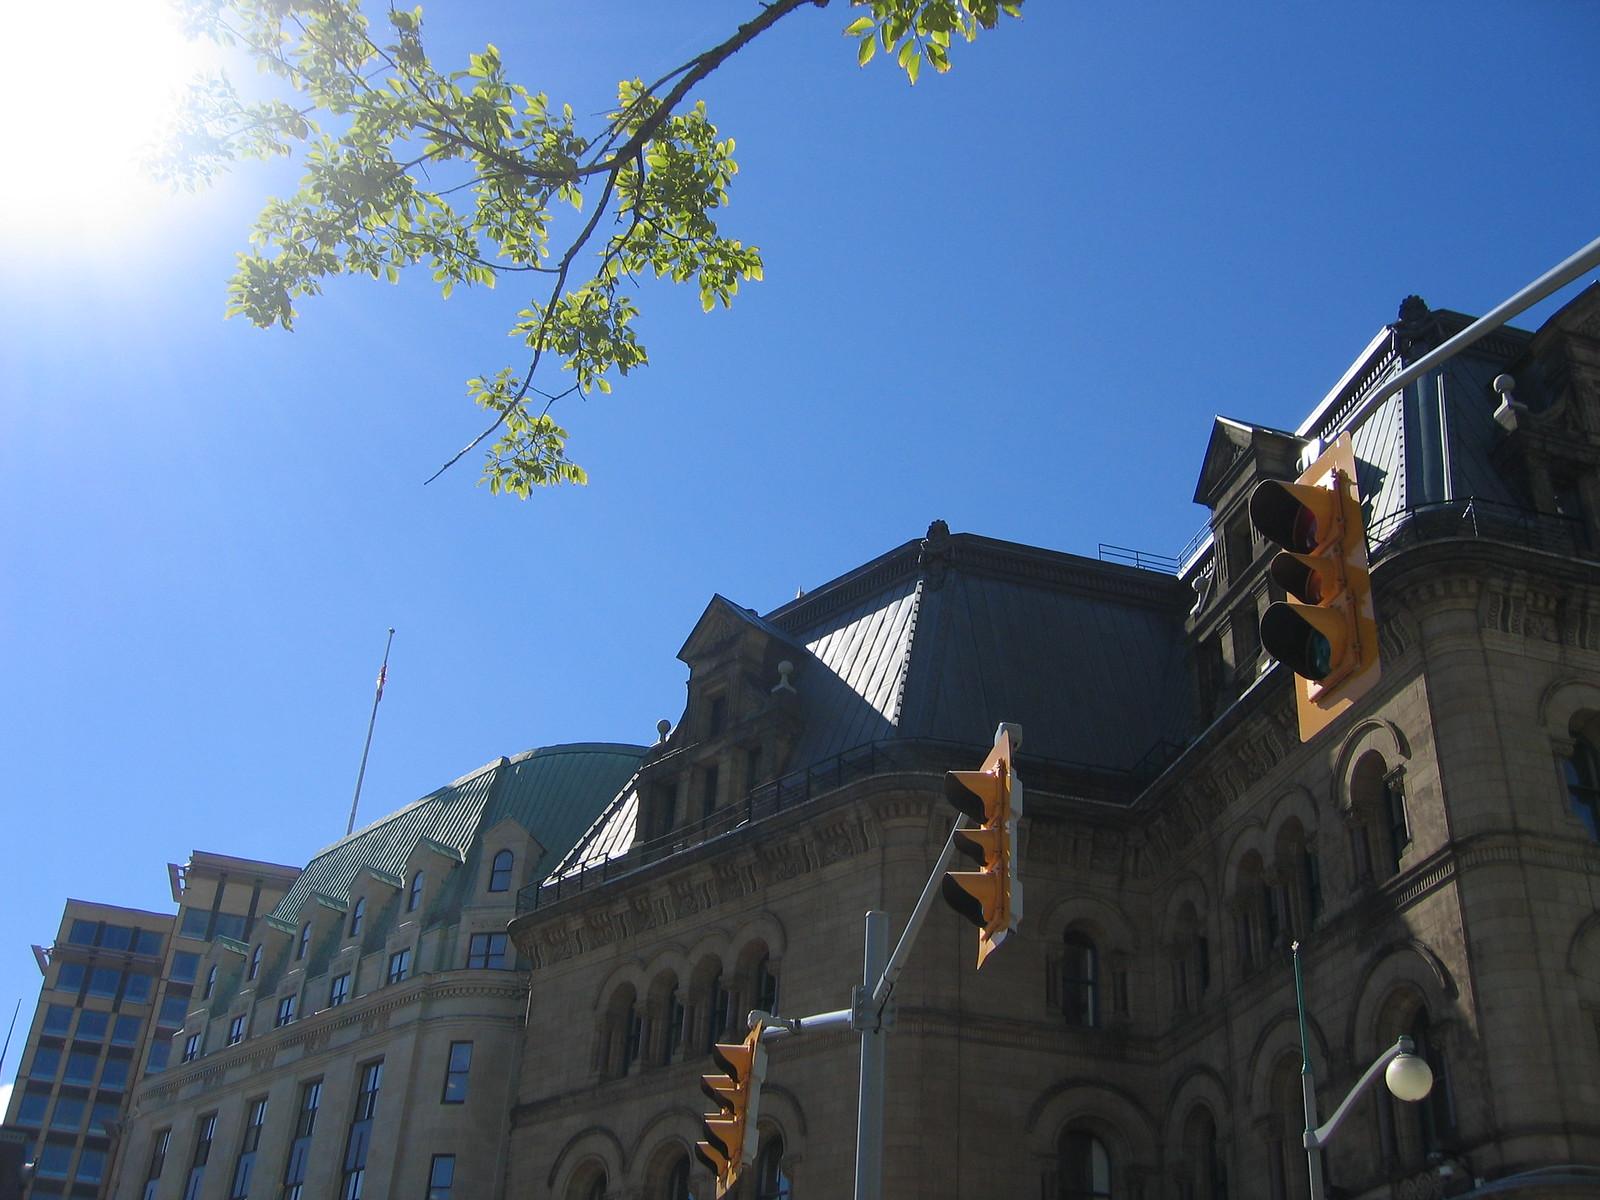 Ottawa 24